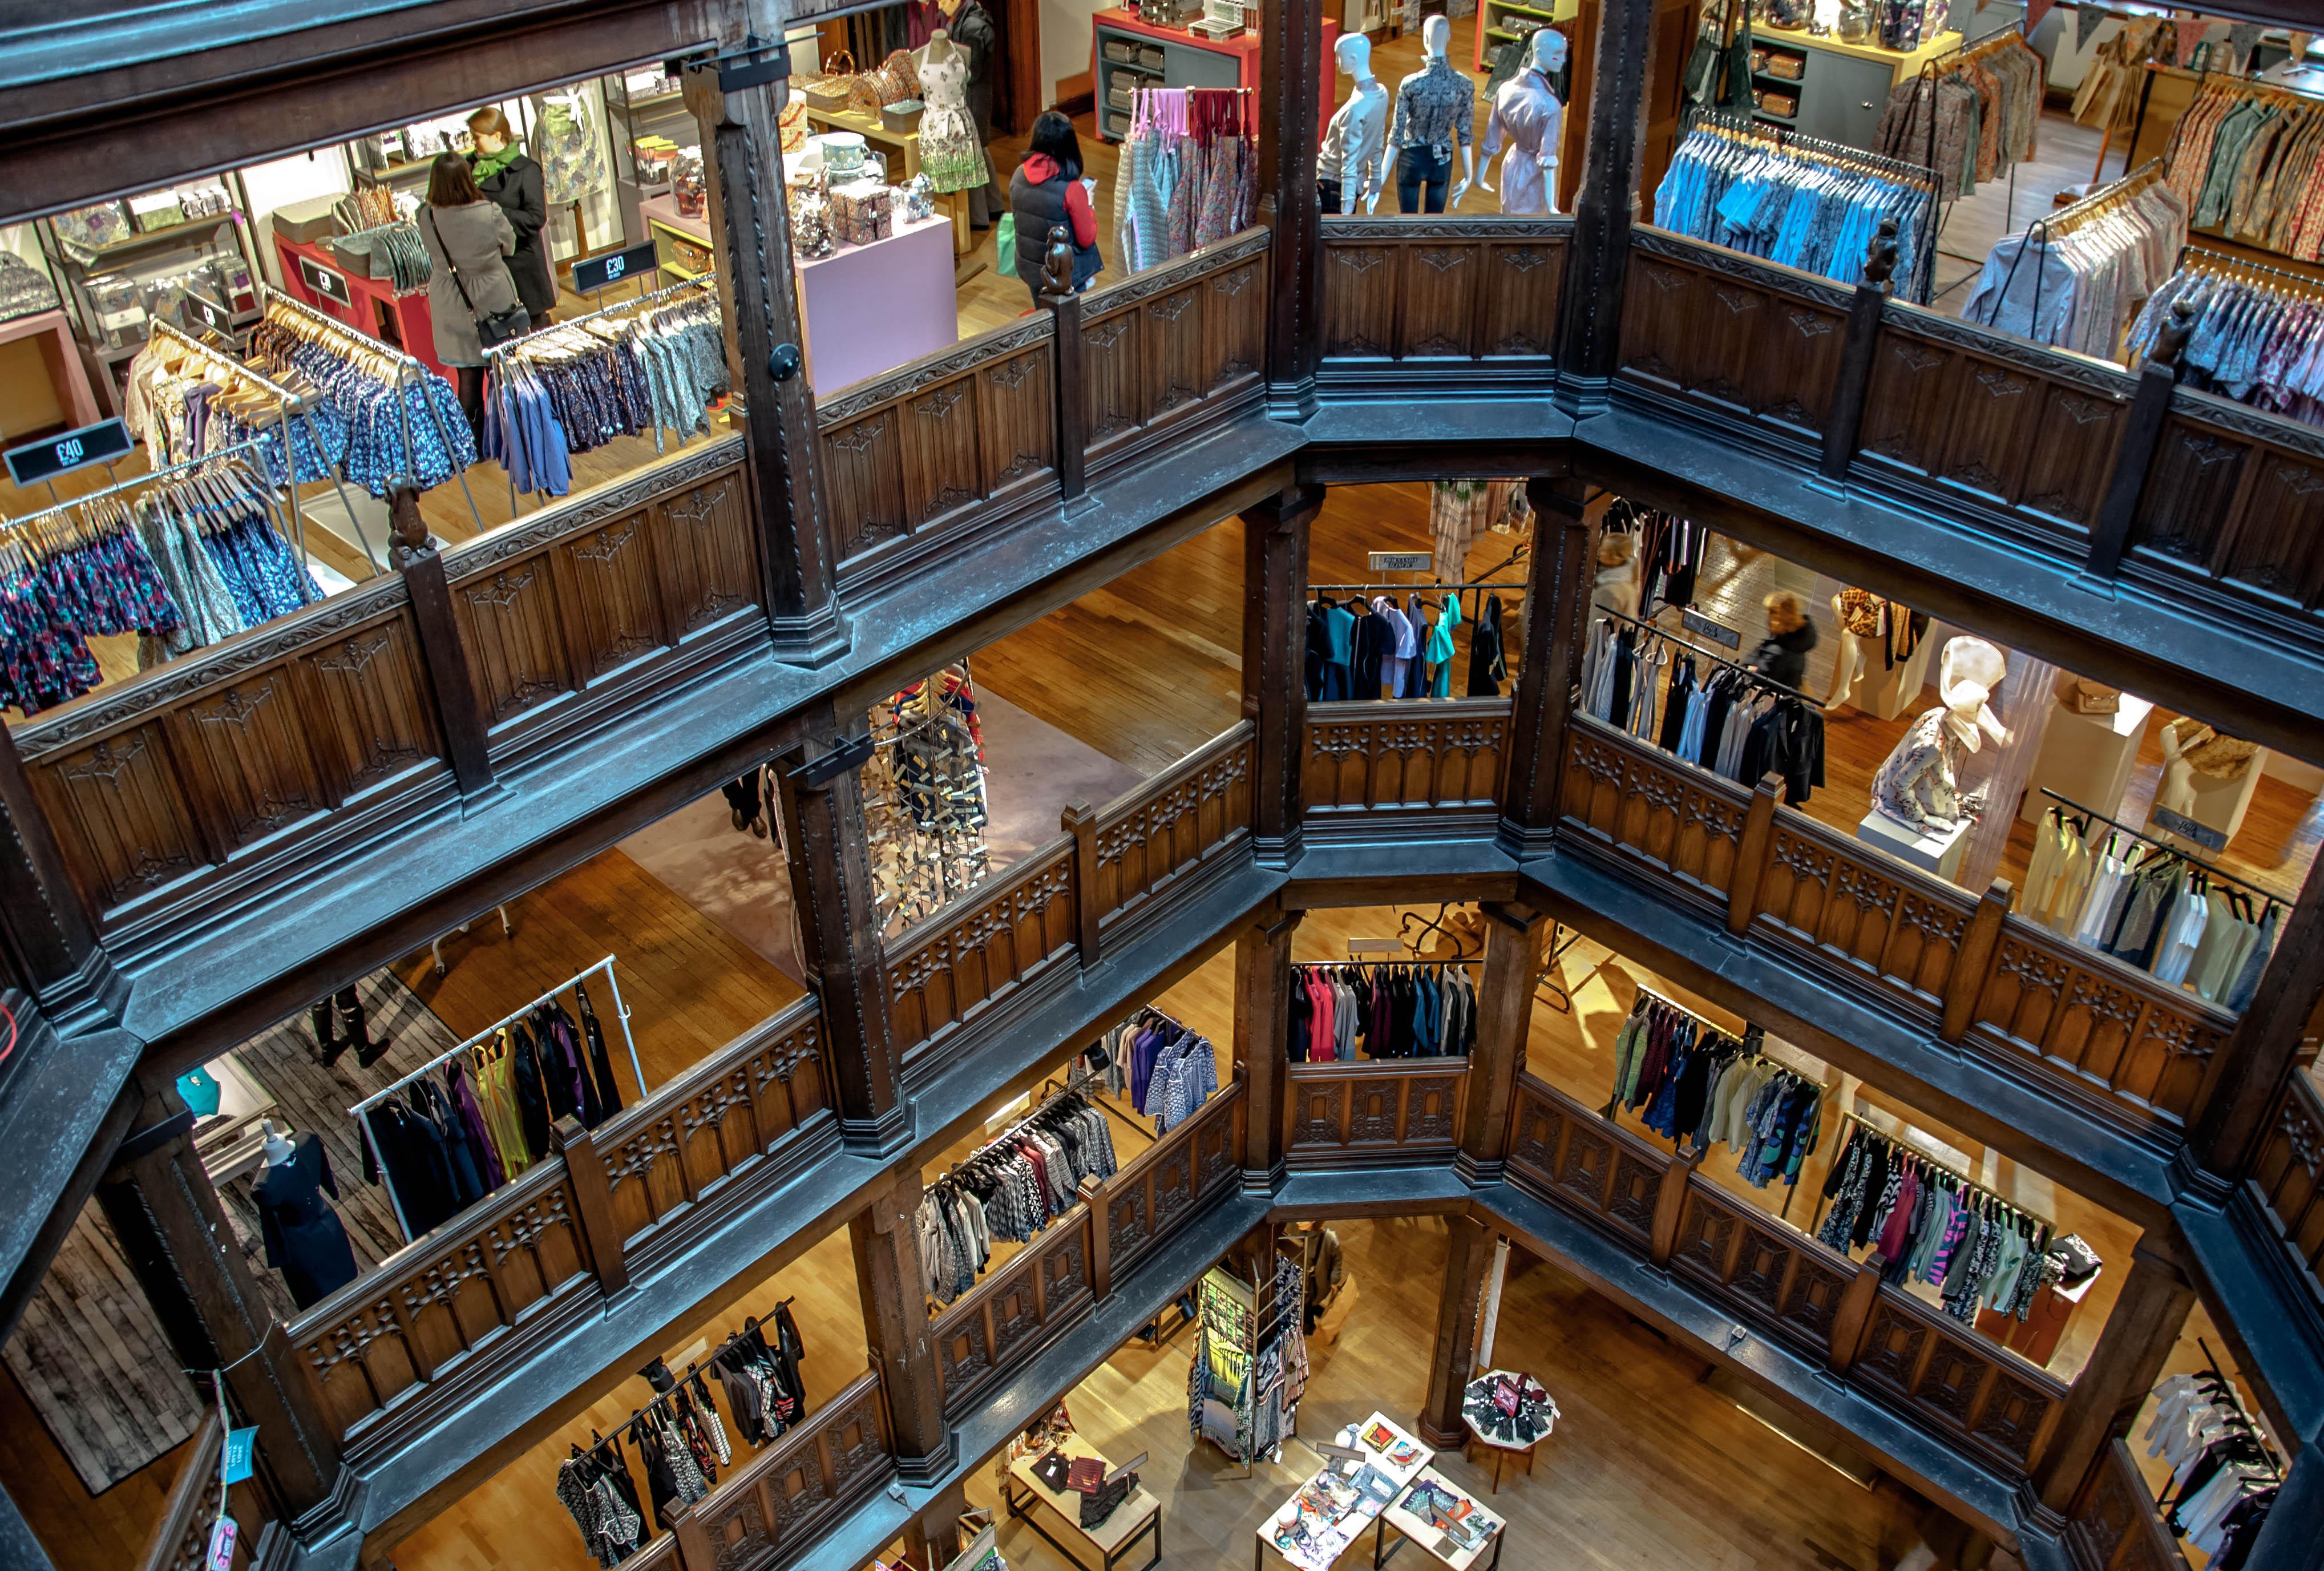 Wallpaper London Architecture Building Interior